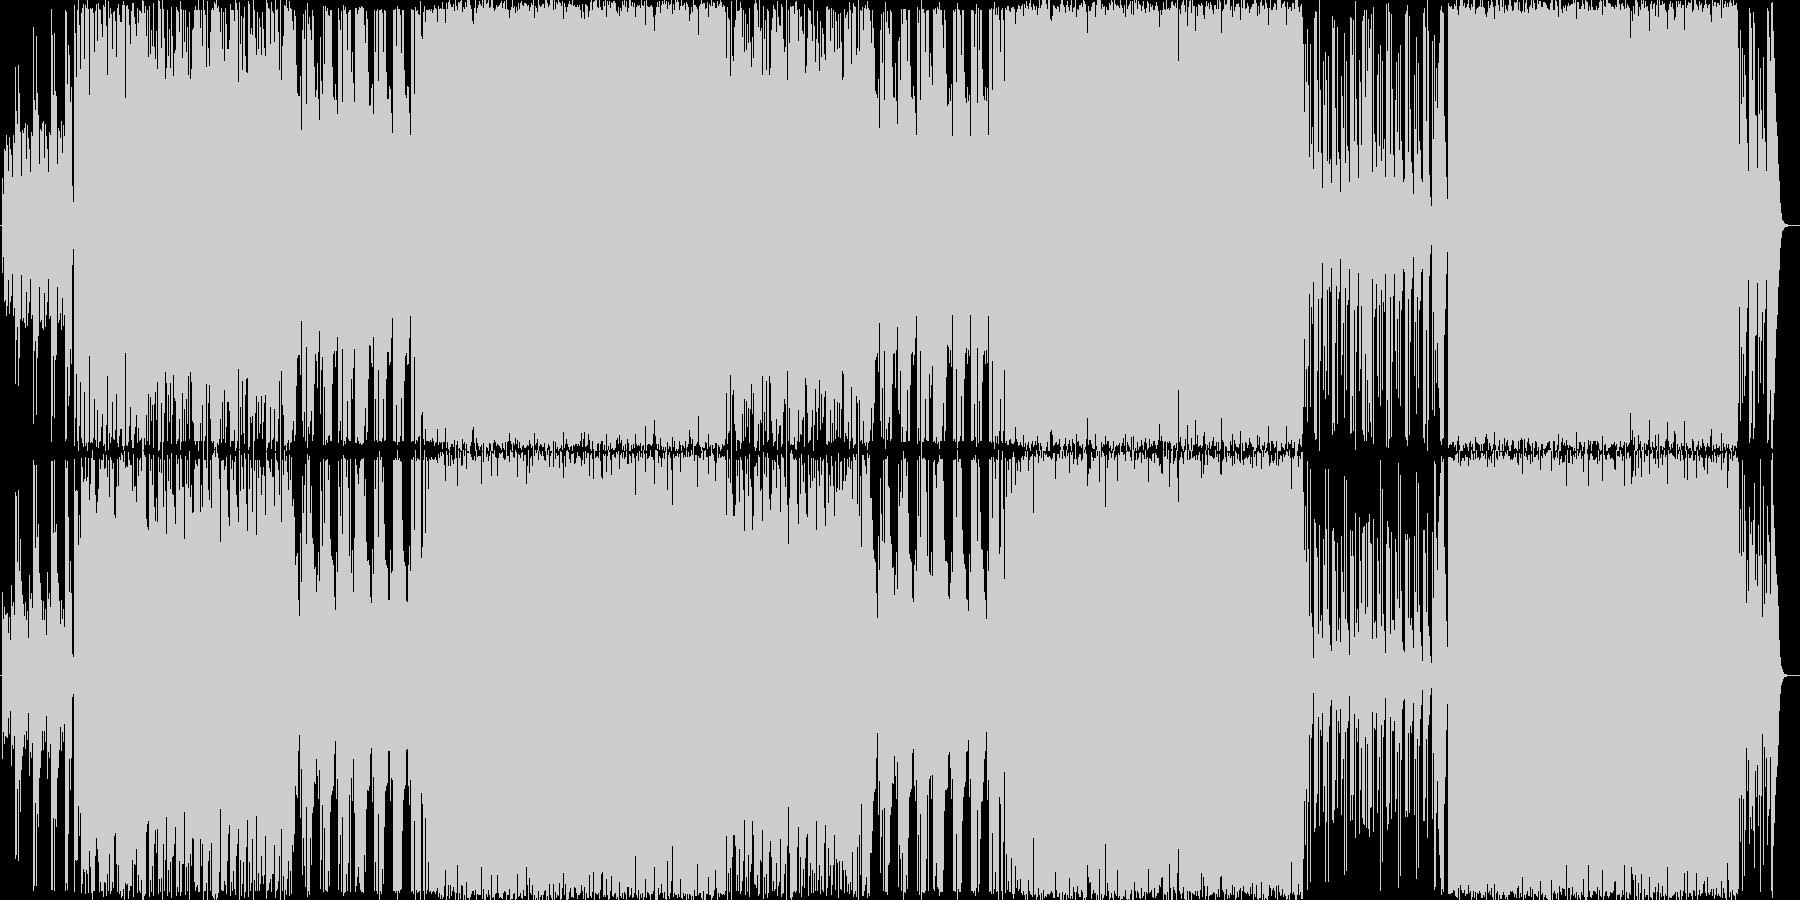 和風/和楽器/掛け声/は!・よ!/A1の未再生の波形